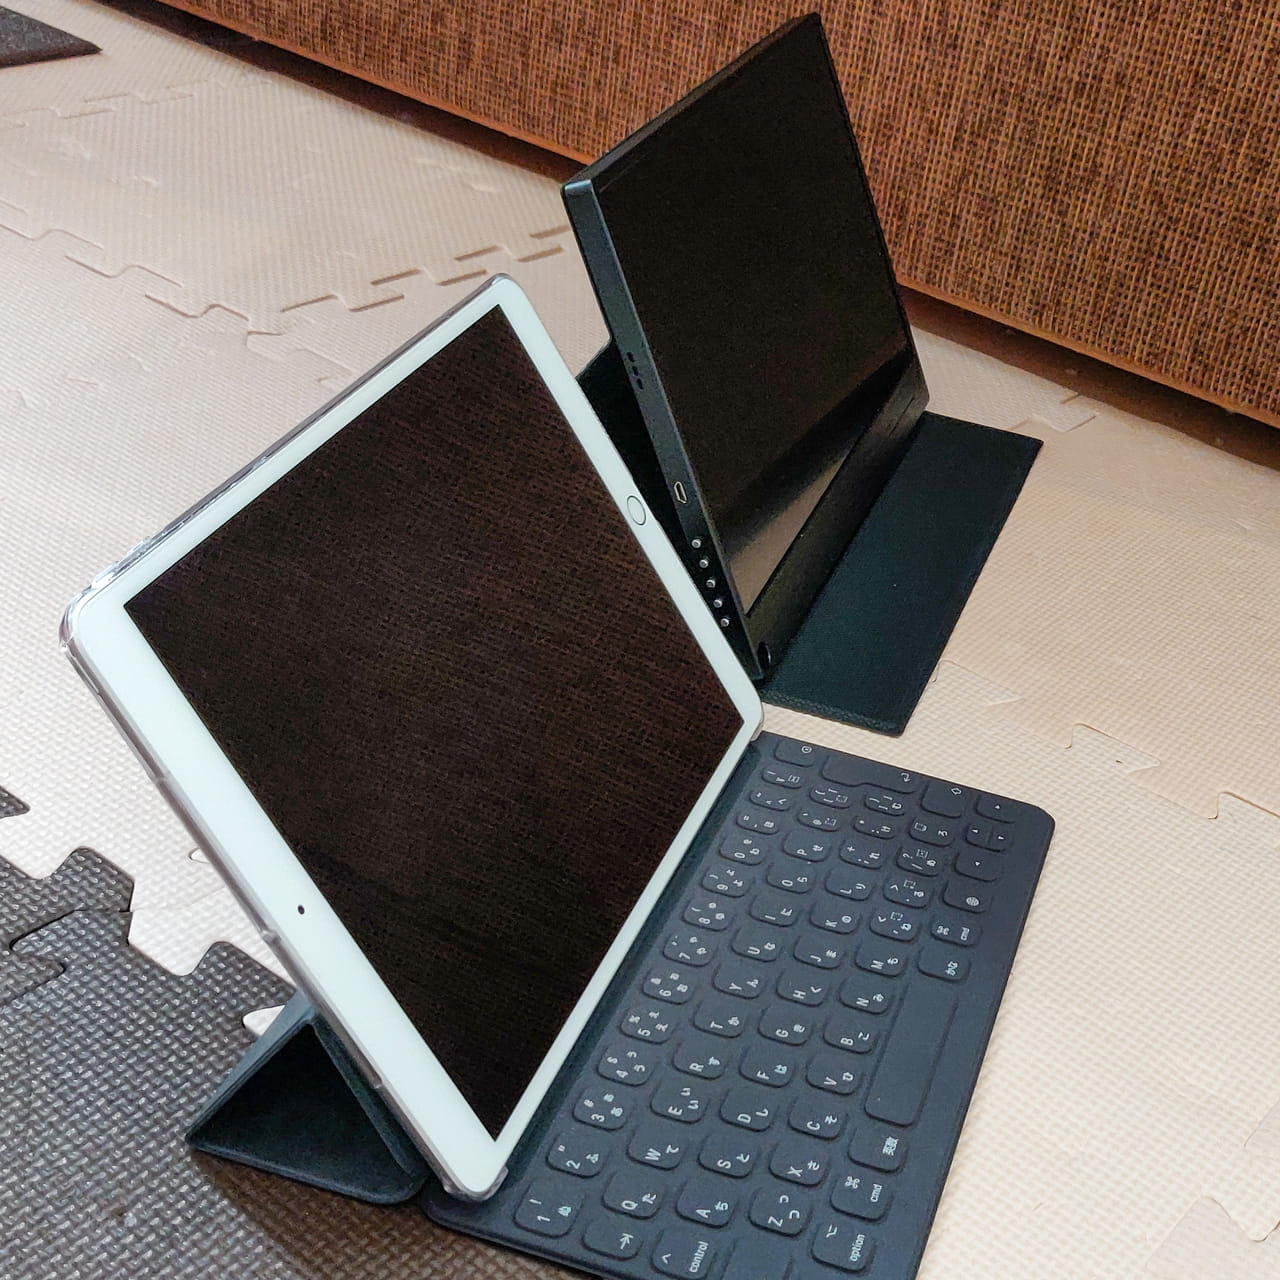 緩やかな傾斜のパターンのモバイルディスプレイをSmart KeyboardをセットしたiPad Airと並べてみました